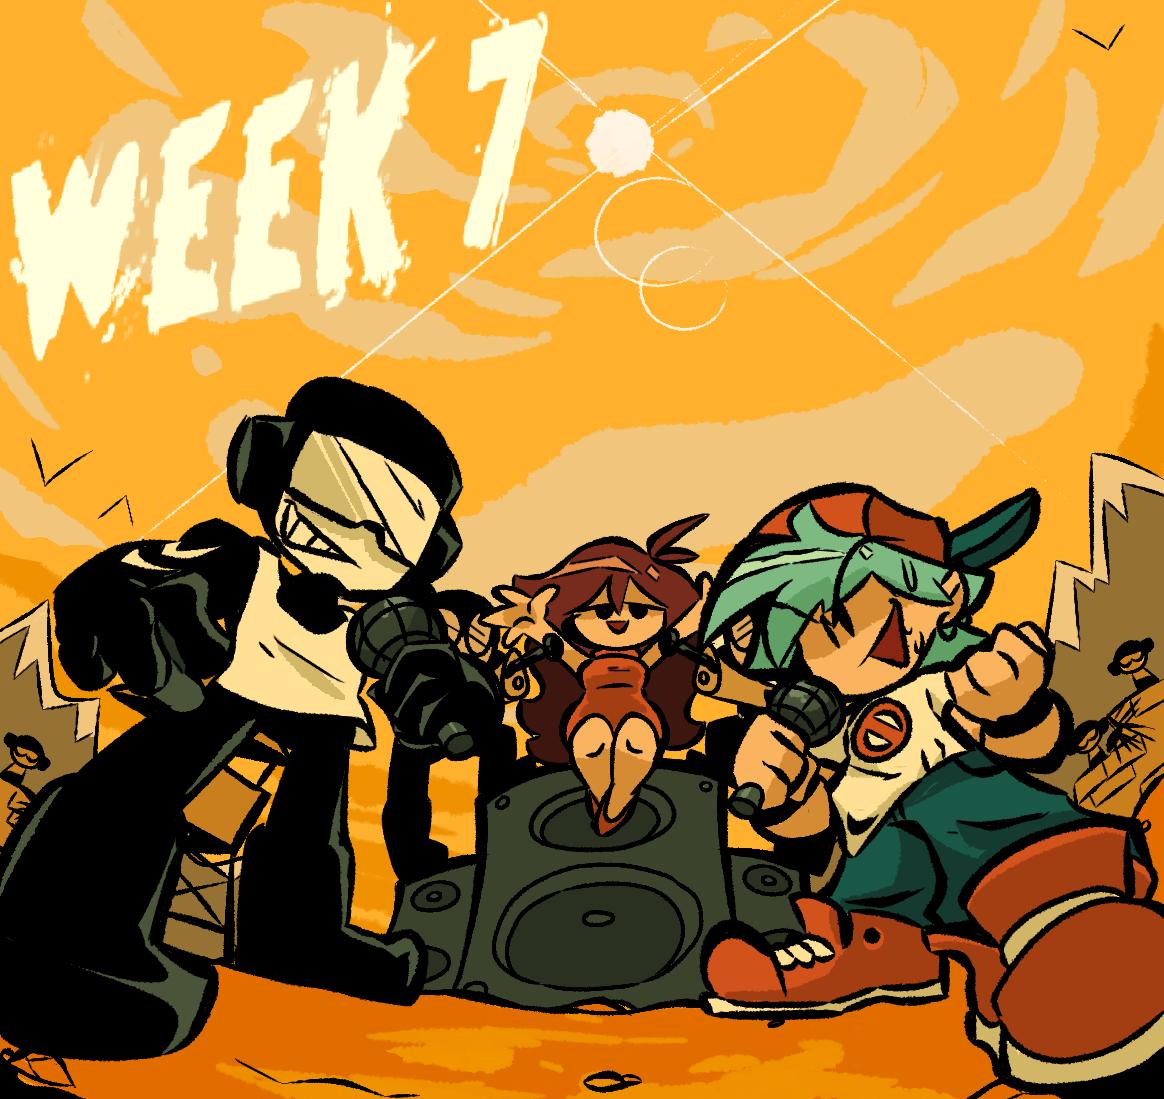 week 7 lets gooo